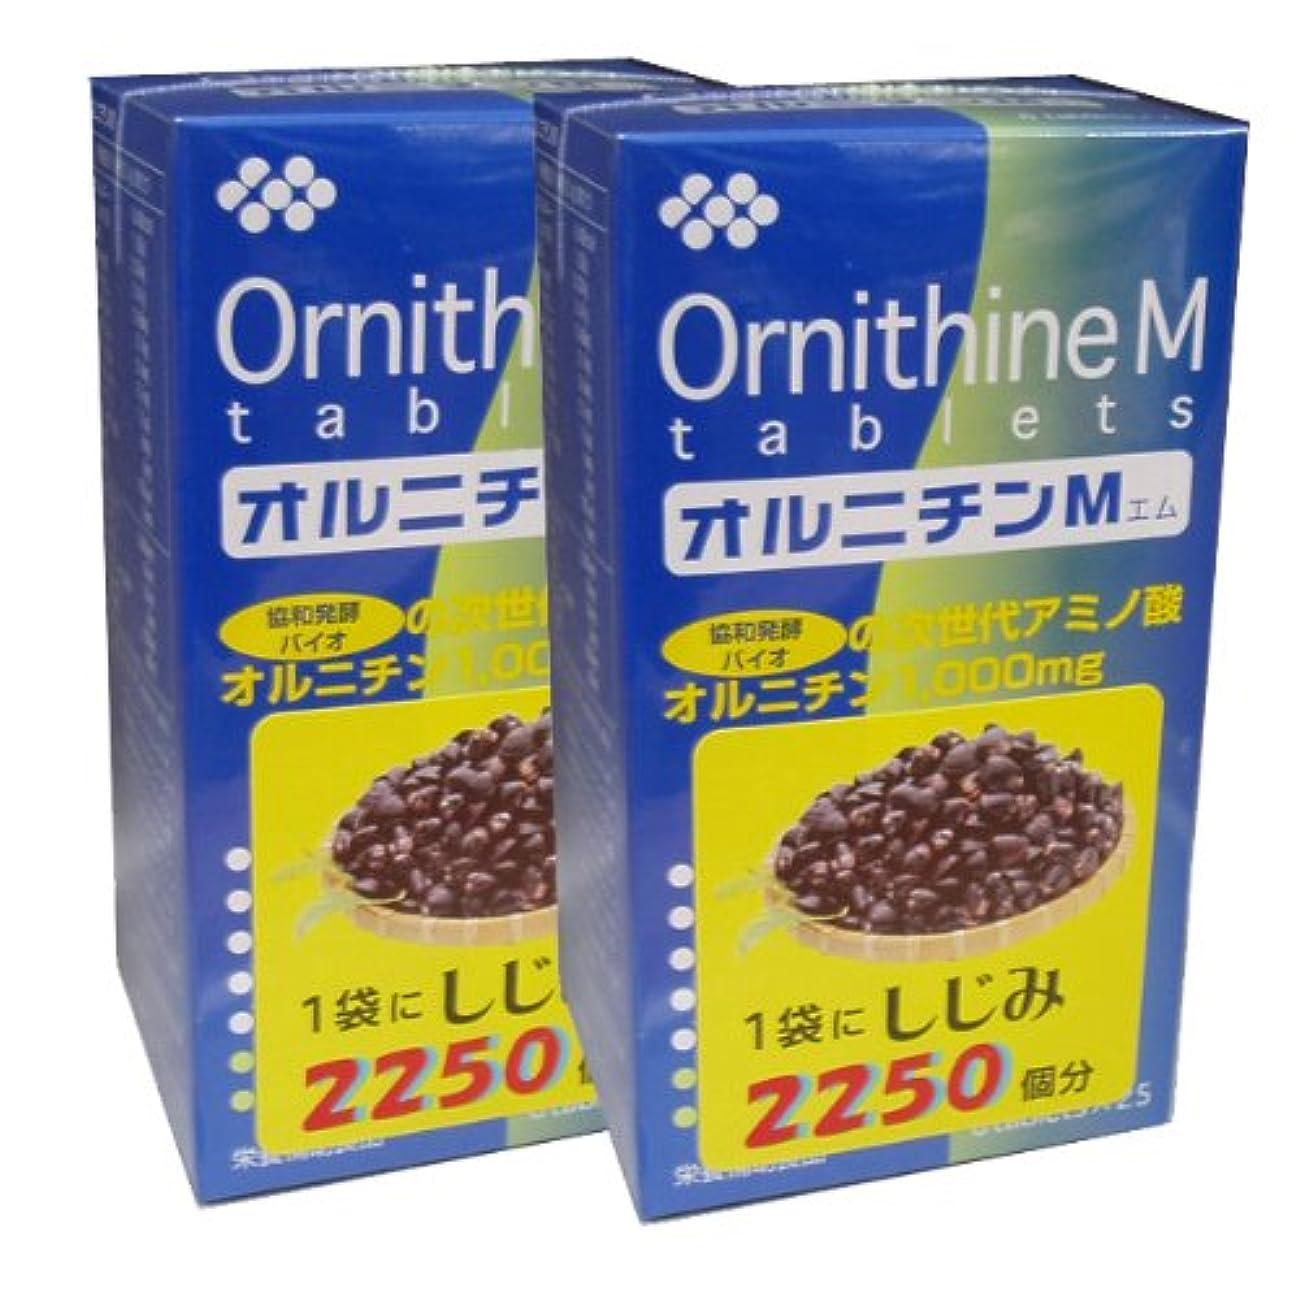 高い検索エンジンマーケティング女性協和発酵オルニチンM (6粒×25袋)×2個セット